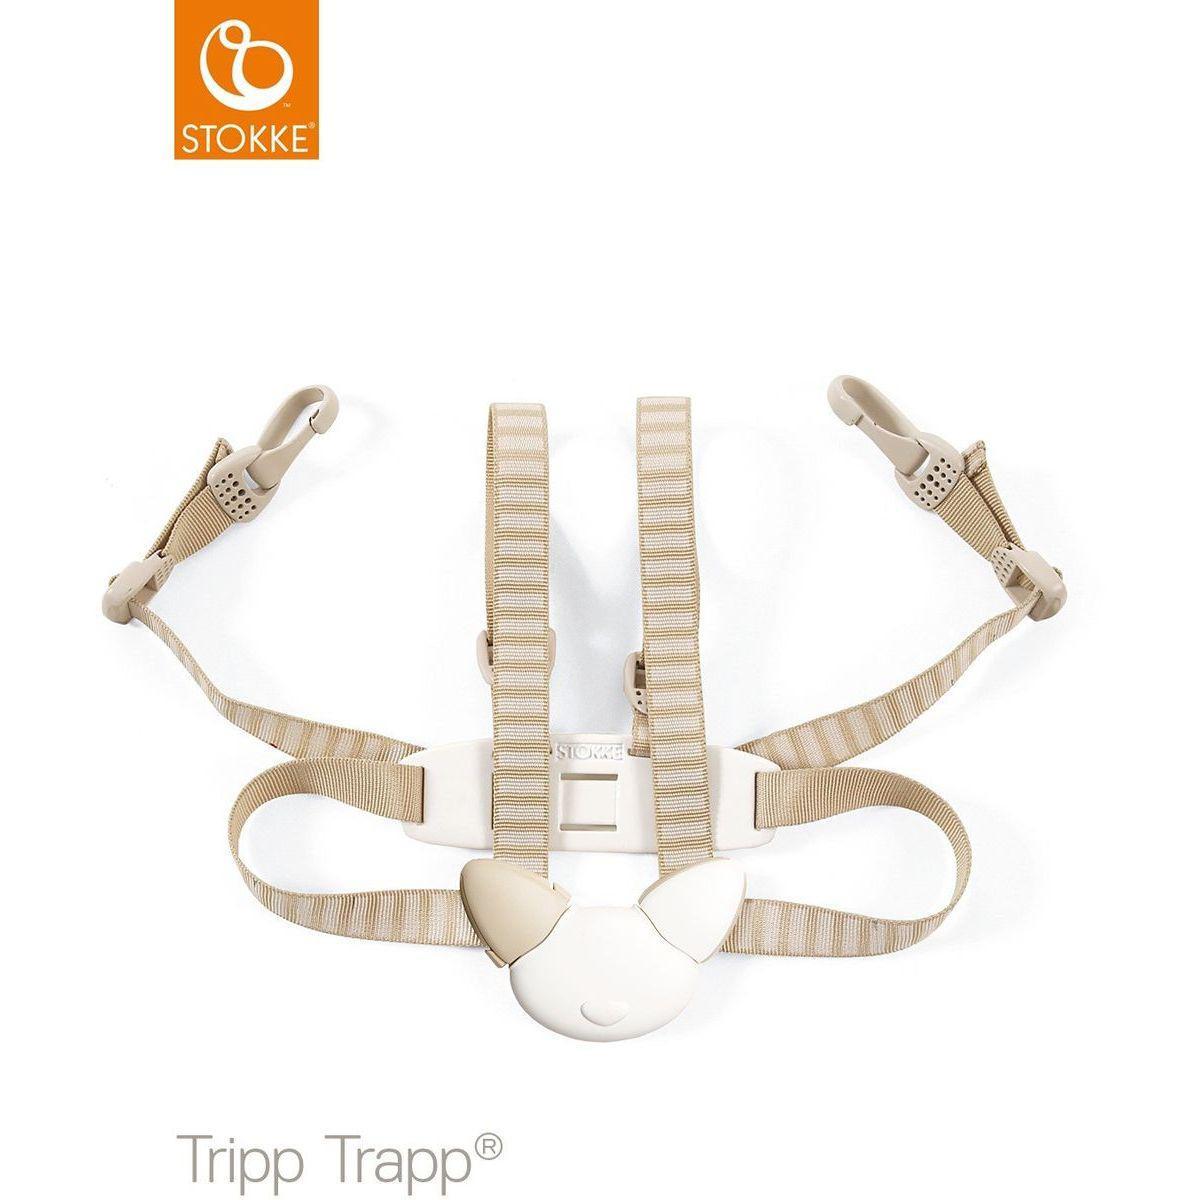 Sicherheitsgurt Hochstuhl TRIPP TRAPP Stokke